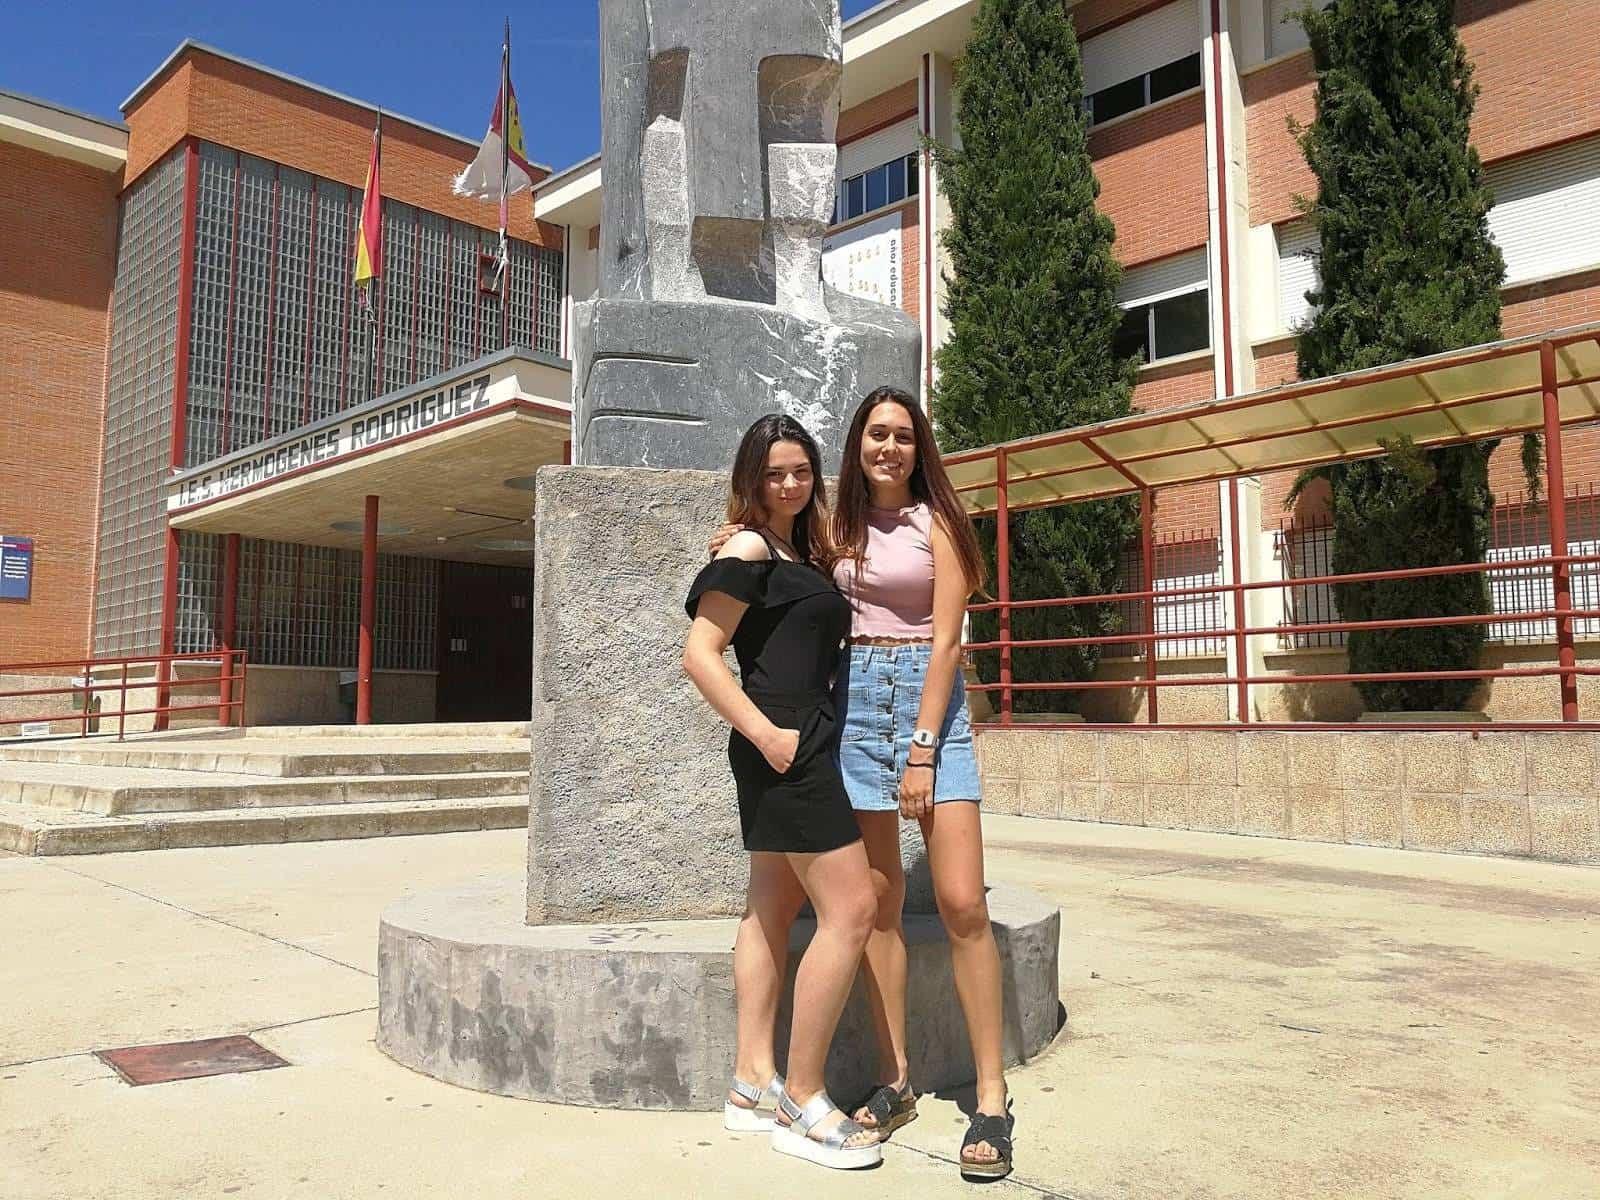 Irene Arevalo y Laura Garcia - Irene Arévalo y Laura García: El éxito en EVAU